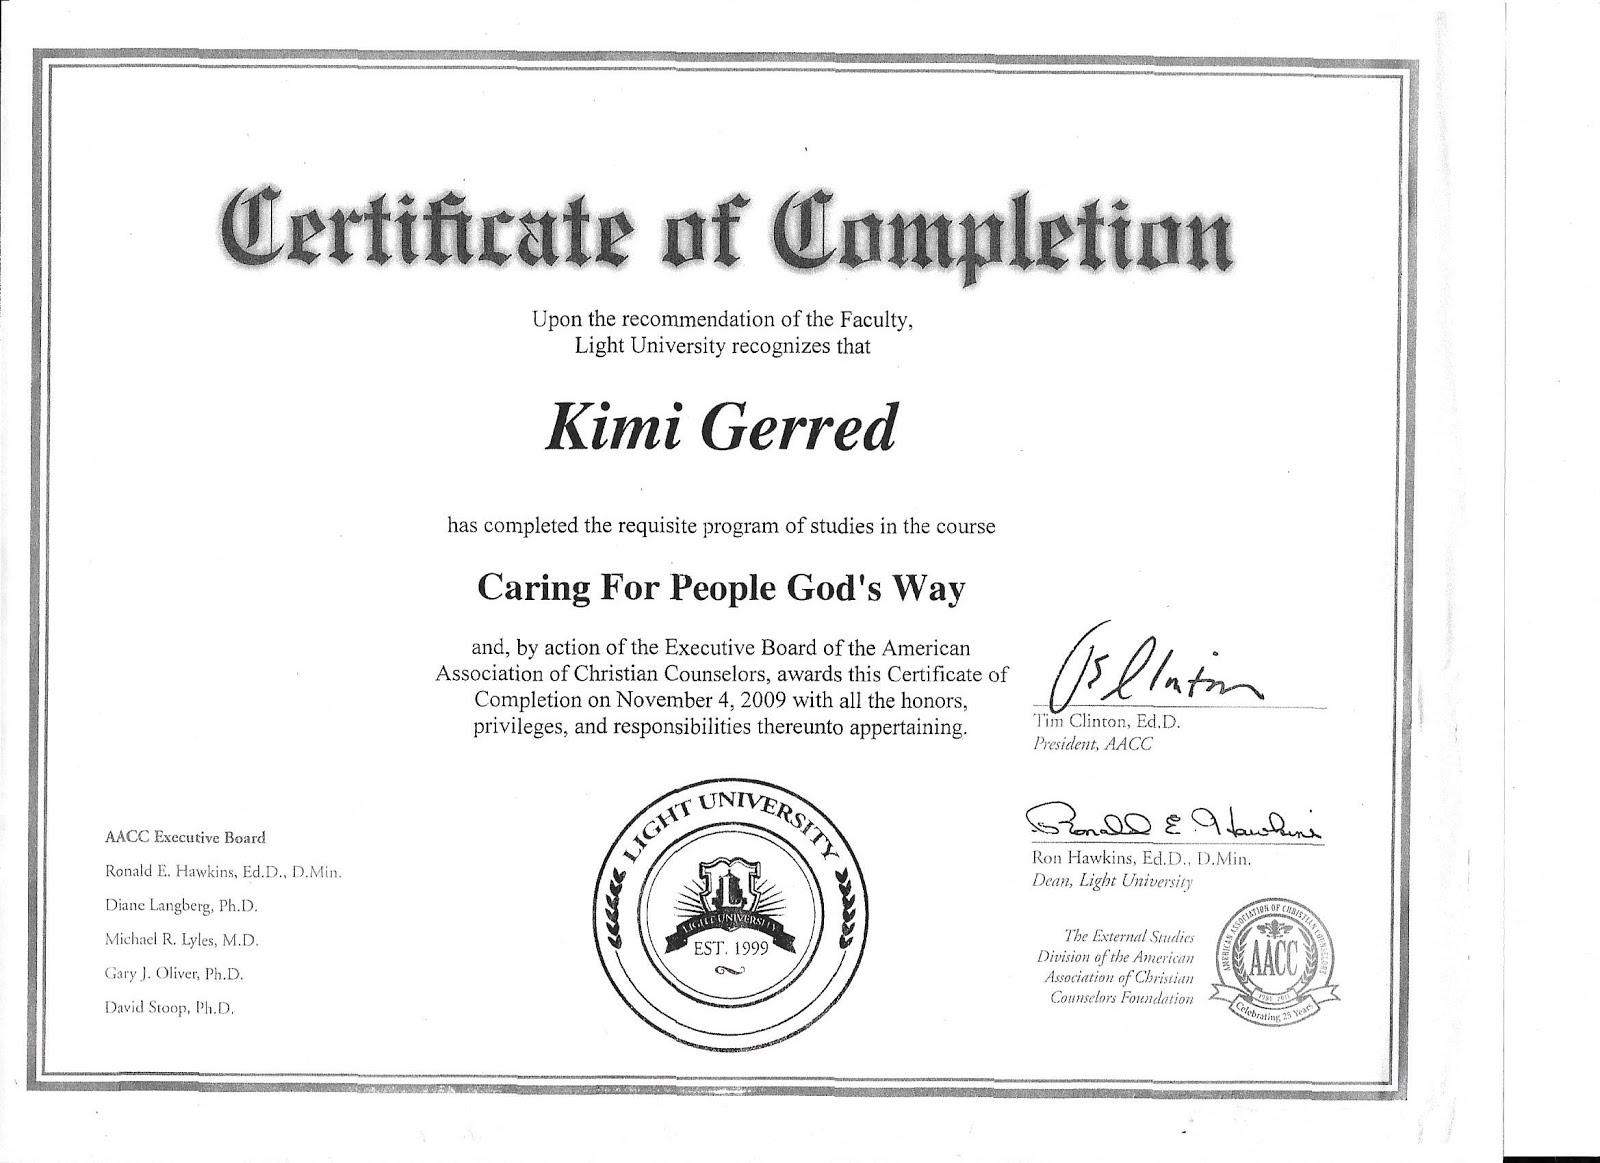 AACC Certificate